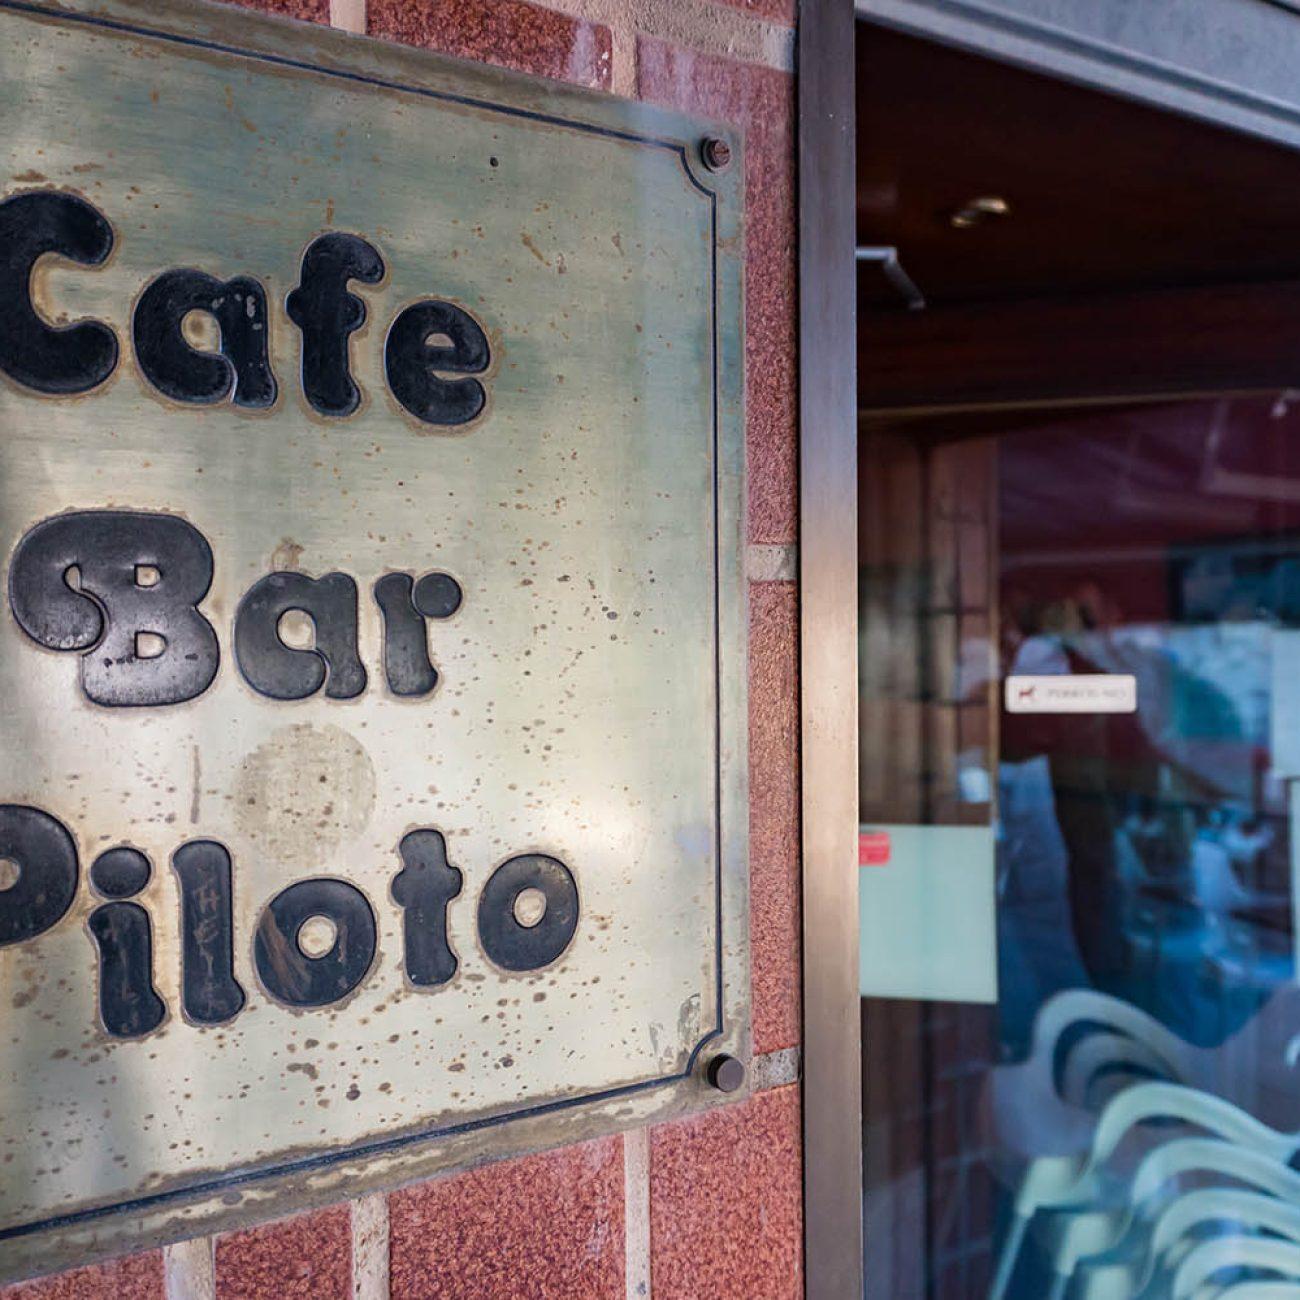 CAFE PILOTO